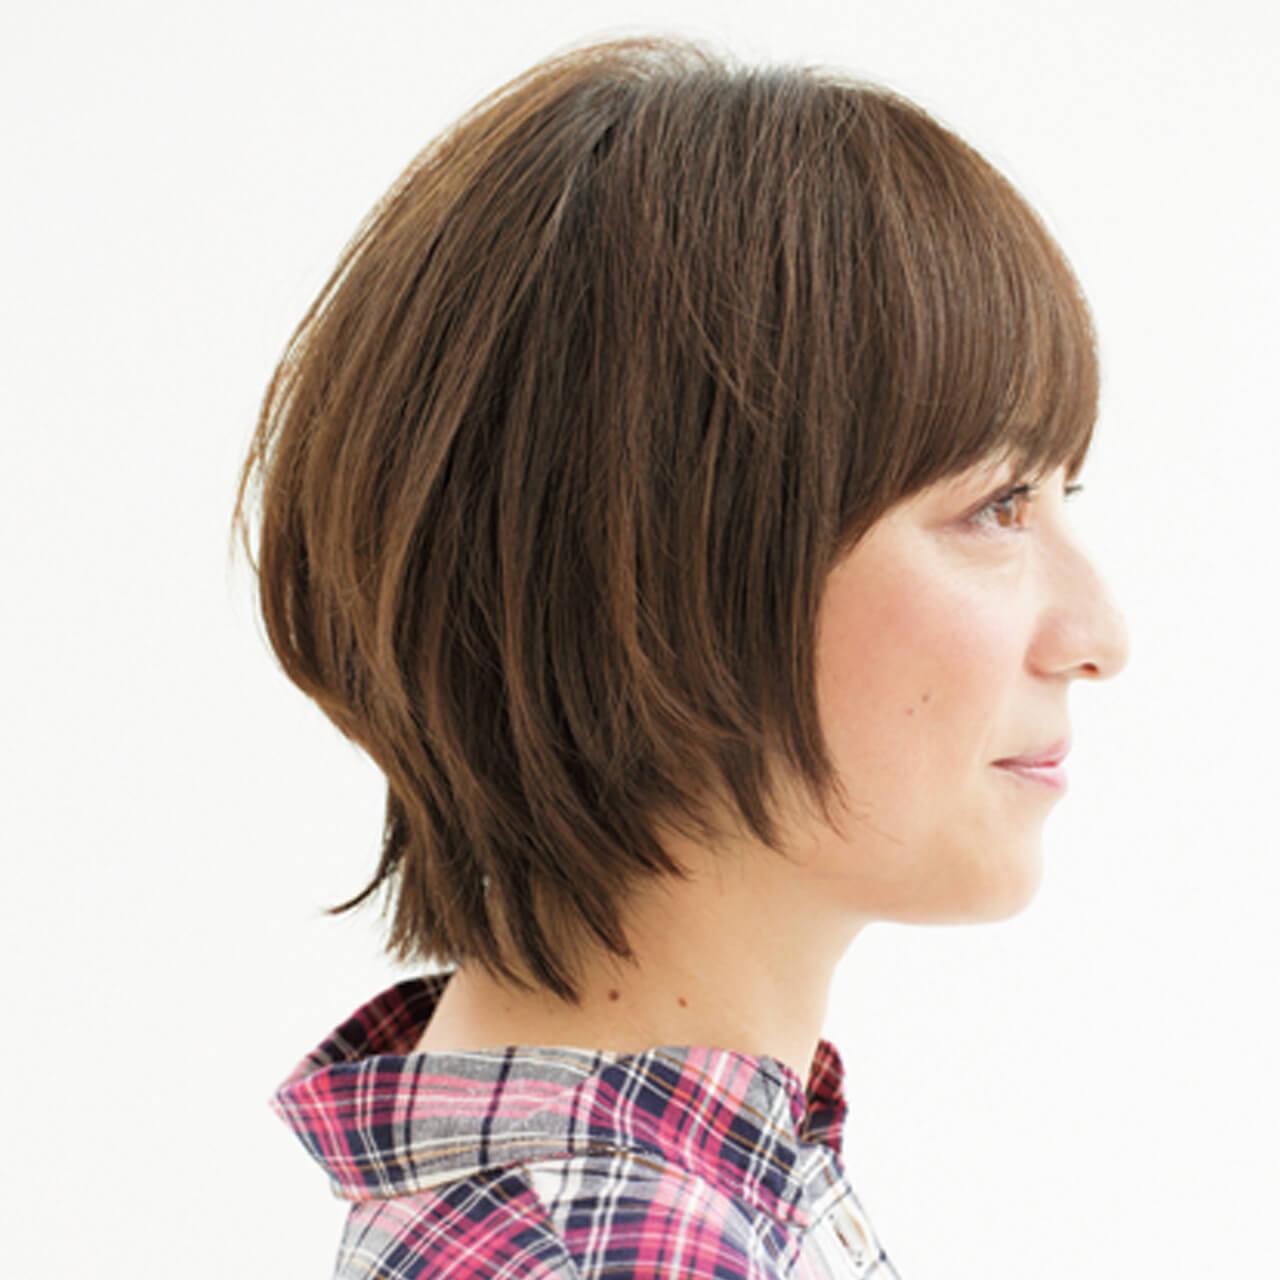 前髪ぱっくり問題はこれで解決! 小顔効果も抜群の印象ショート【40代のショートヘア】_1_2